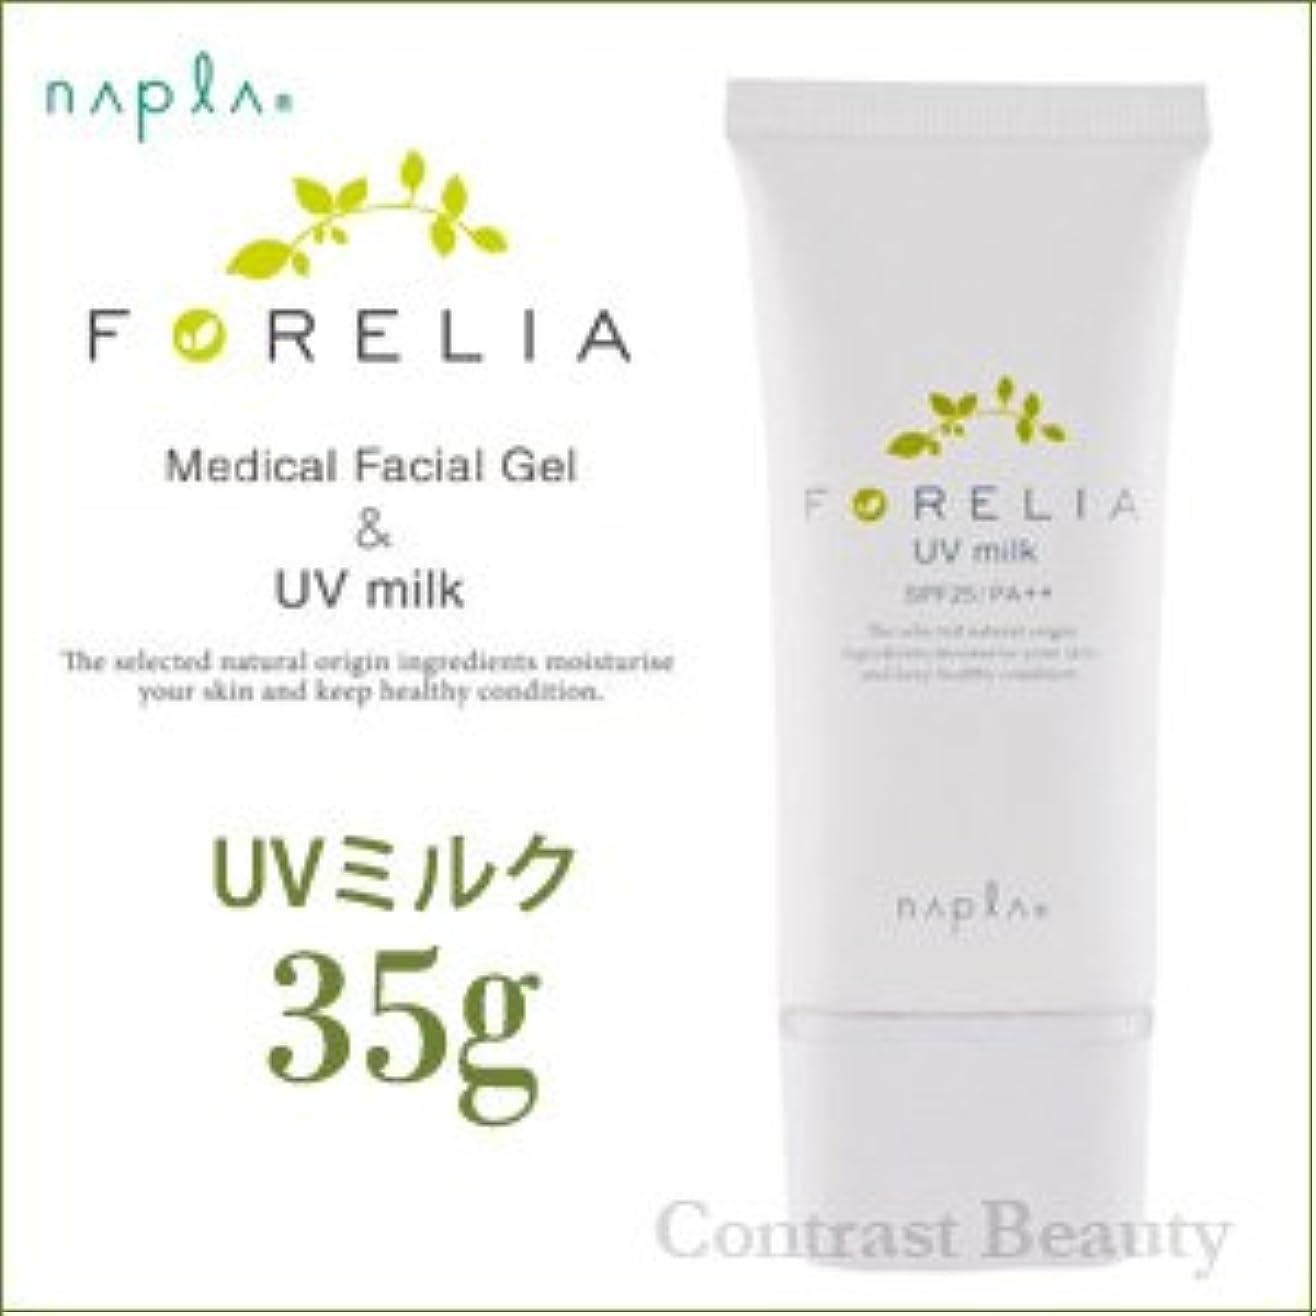 乳剤苦悩少なくとも【X2個セット】 ナプラ フォーレリア UVミルク